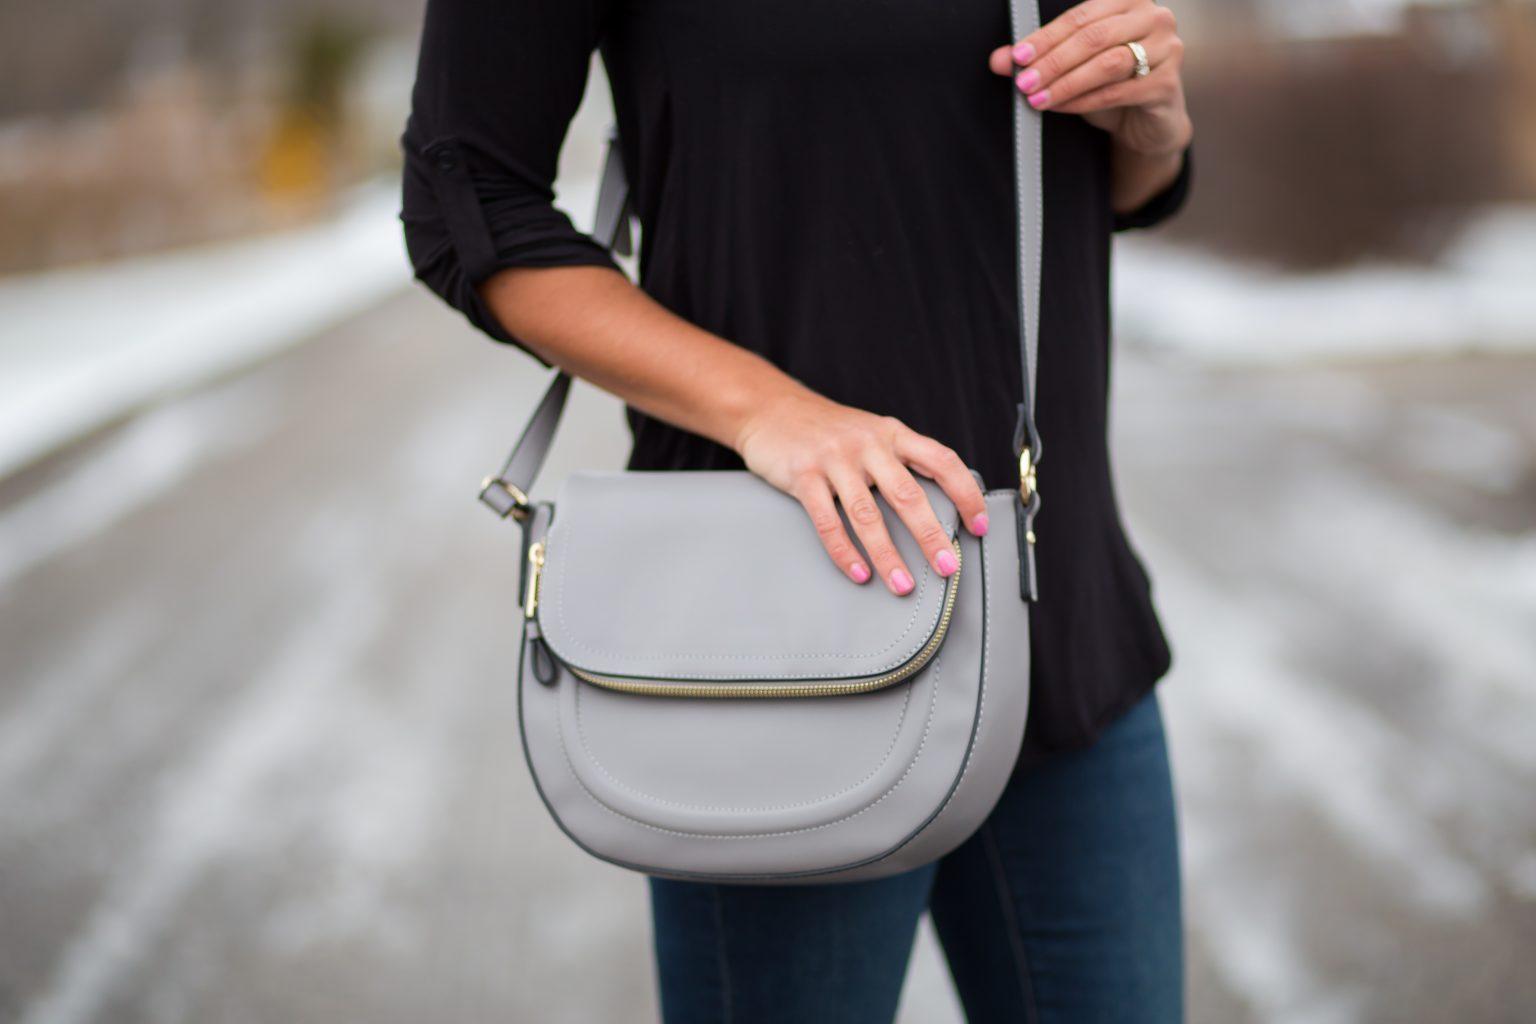 Αγαπημένο ανάμεσα στα πολλά γυναικεία αξεσουάρ ανά πάσα στιγμή ήταν και είναι μια μοντέρνα τσάντα που έχει περάσει από πολλές μεταμορφώσεις και μεταμορφώσεις, παραμένοντας η καλύτερη επιλογή για μια υπέροχη ολοκληρωμένη εμφάνιση.